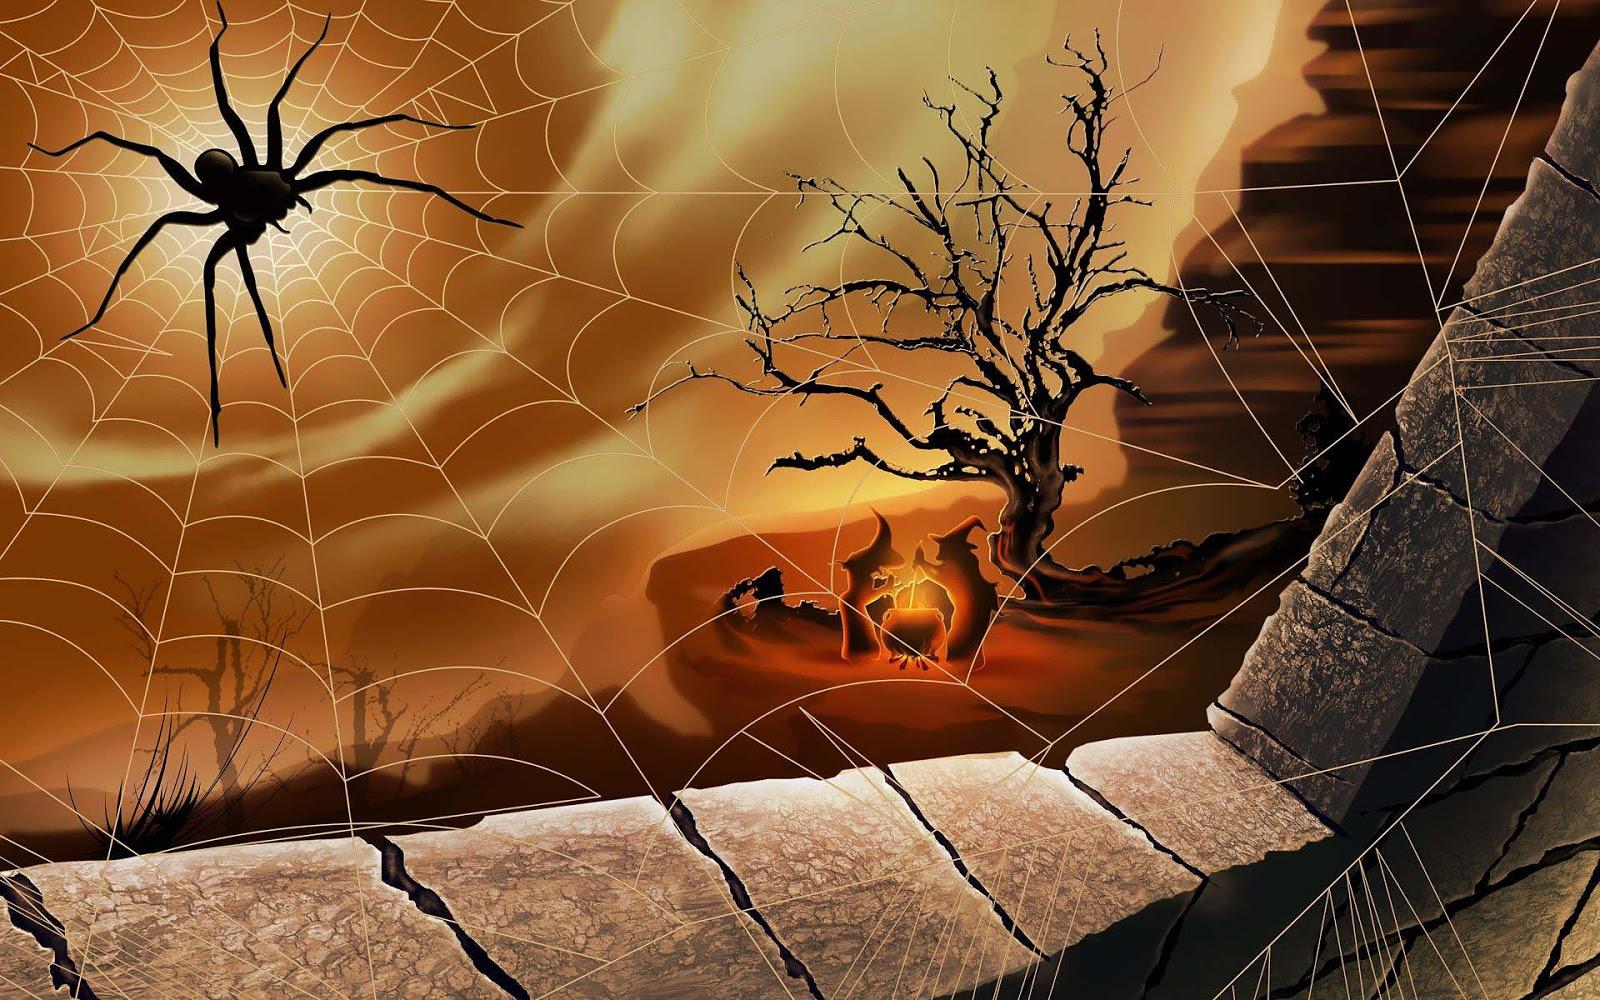 Beautiful Wallpaper Halloween Spider - 3d-halloween-wallpaper-met-een-spin-in-het-web-en-heksen-op-de-achtergrond  Graphic_355594.jpg